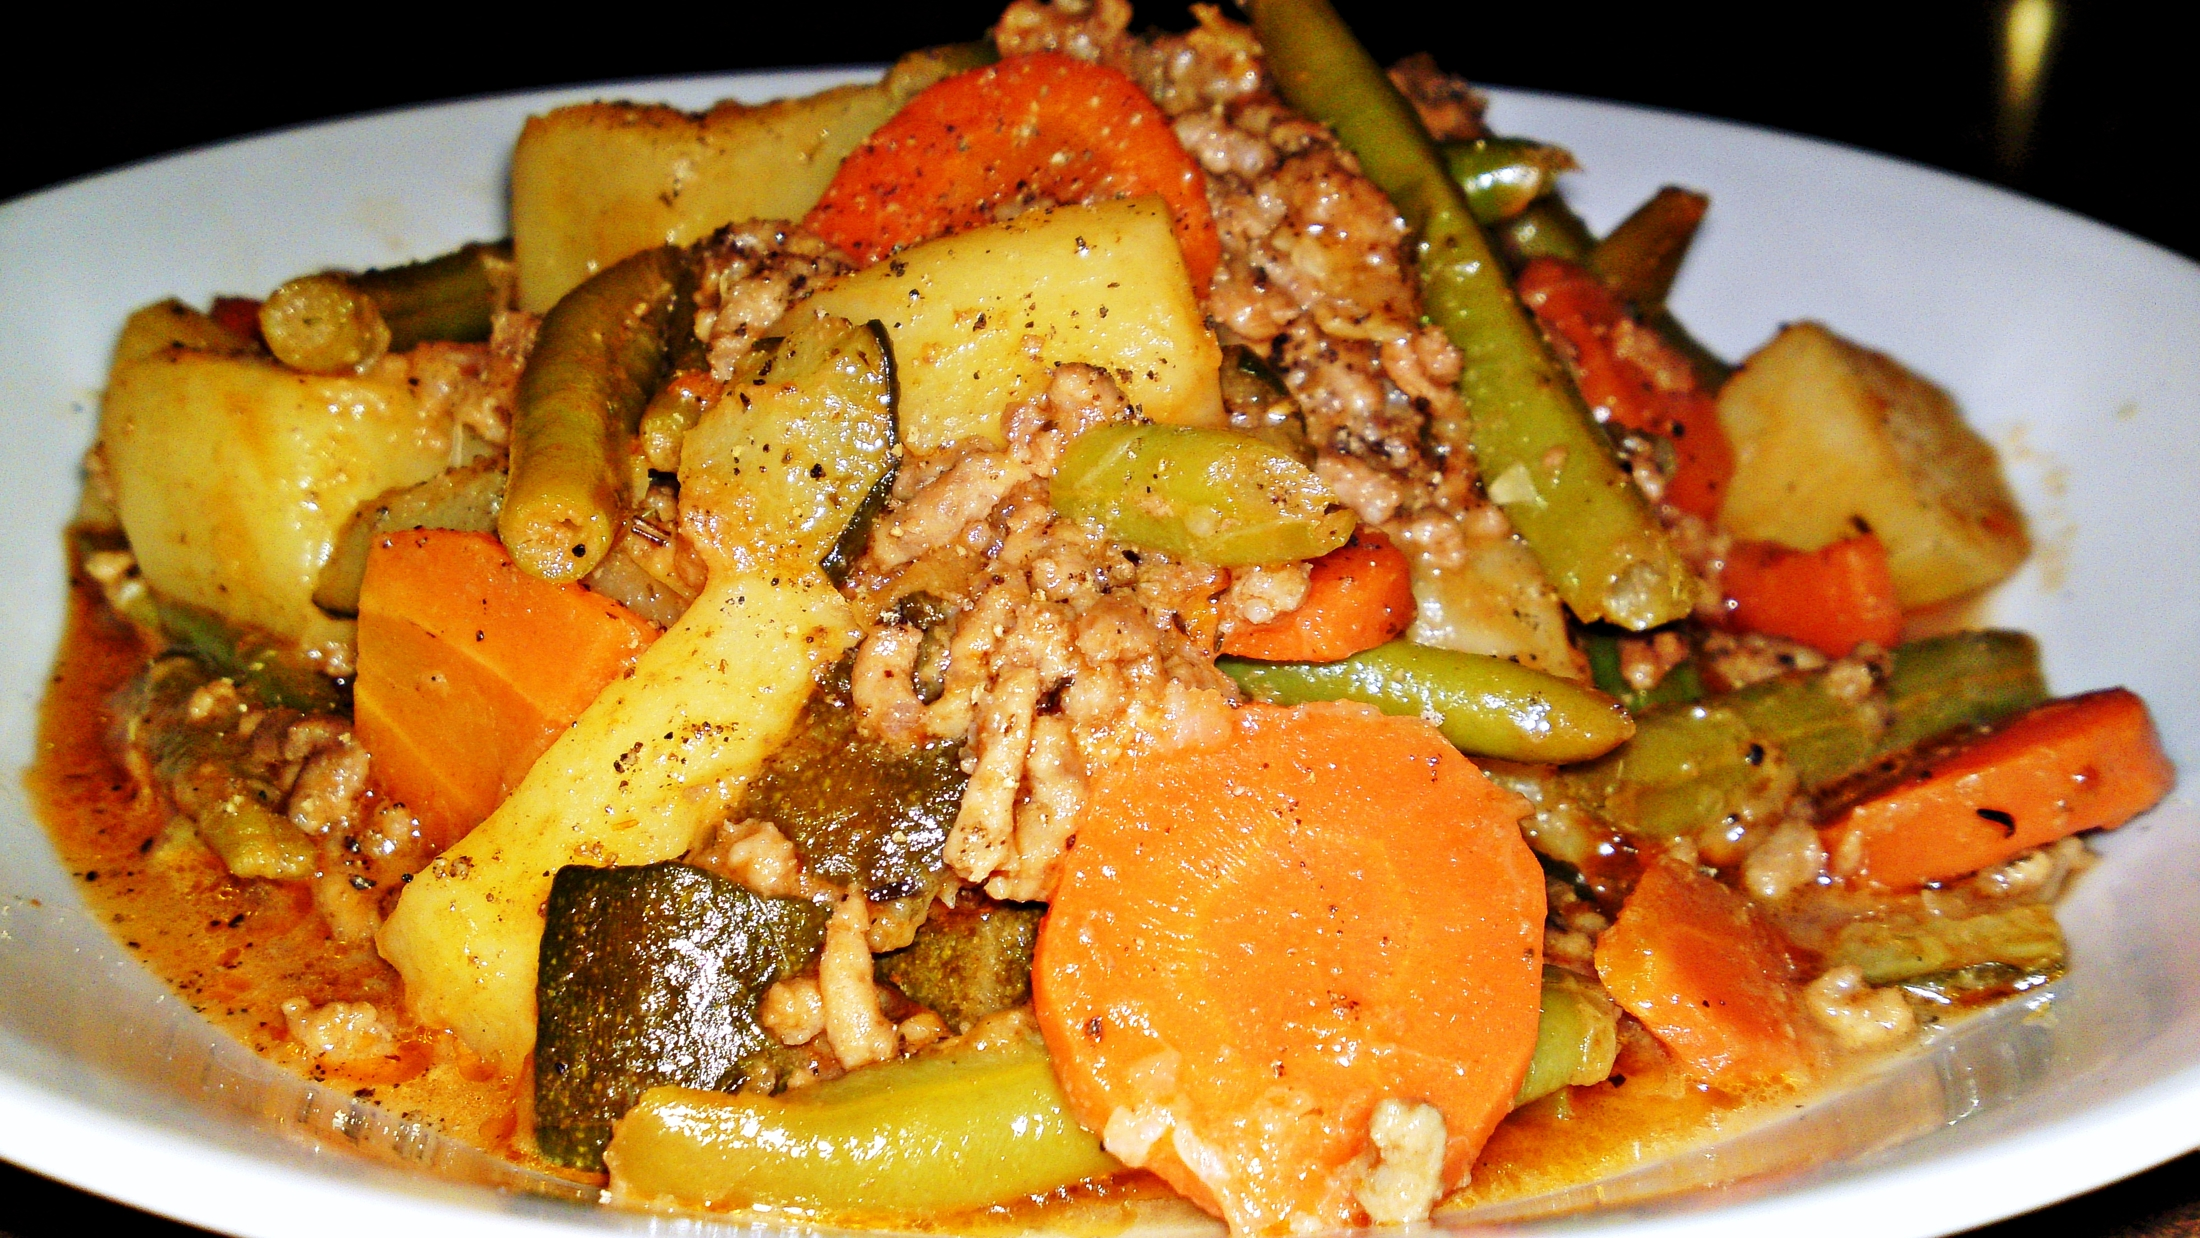 Fotografie receptu: Letní zeleninový hrnec s mletým jehněčím masem